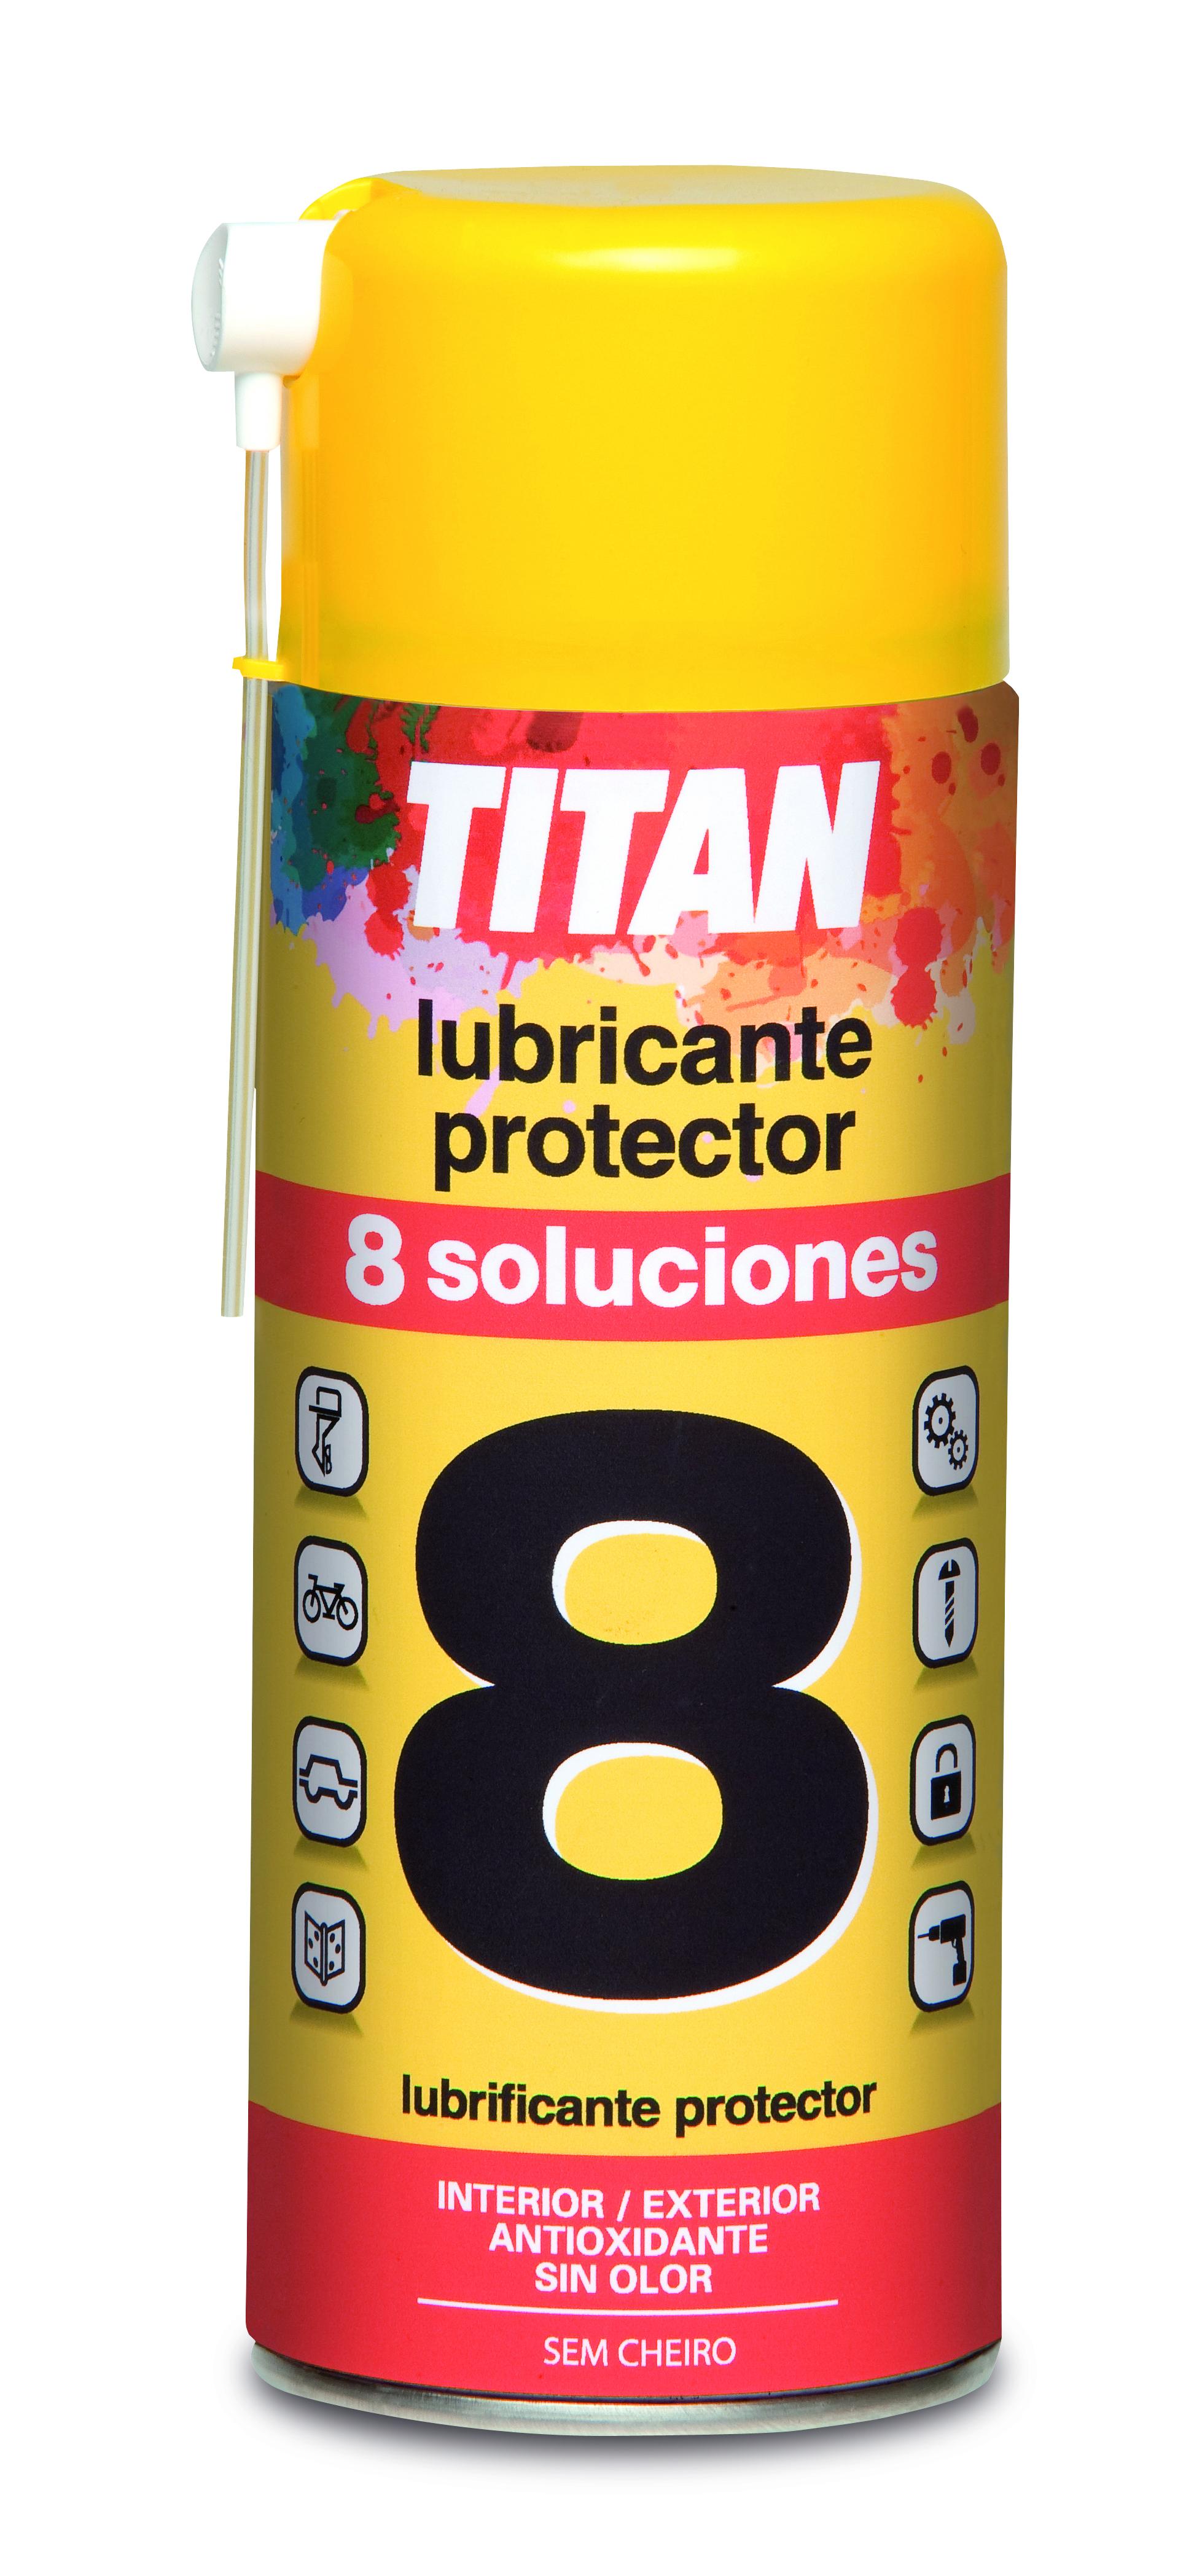 TITAN 8 SOLUTIONS